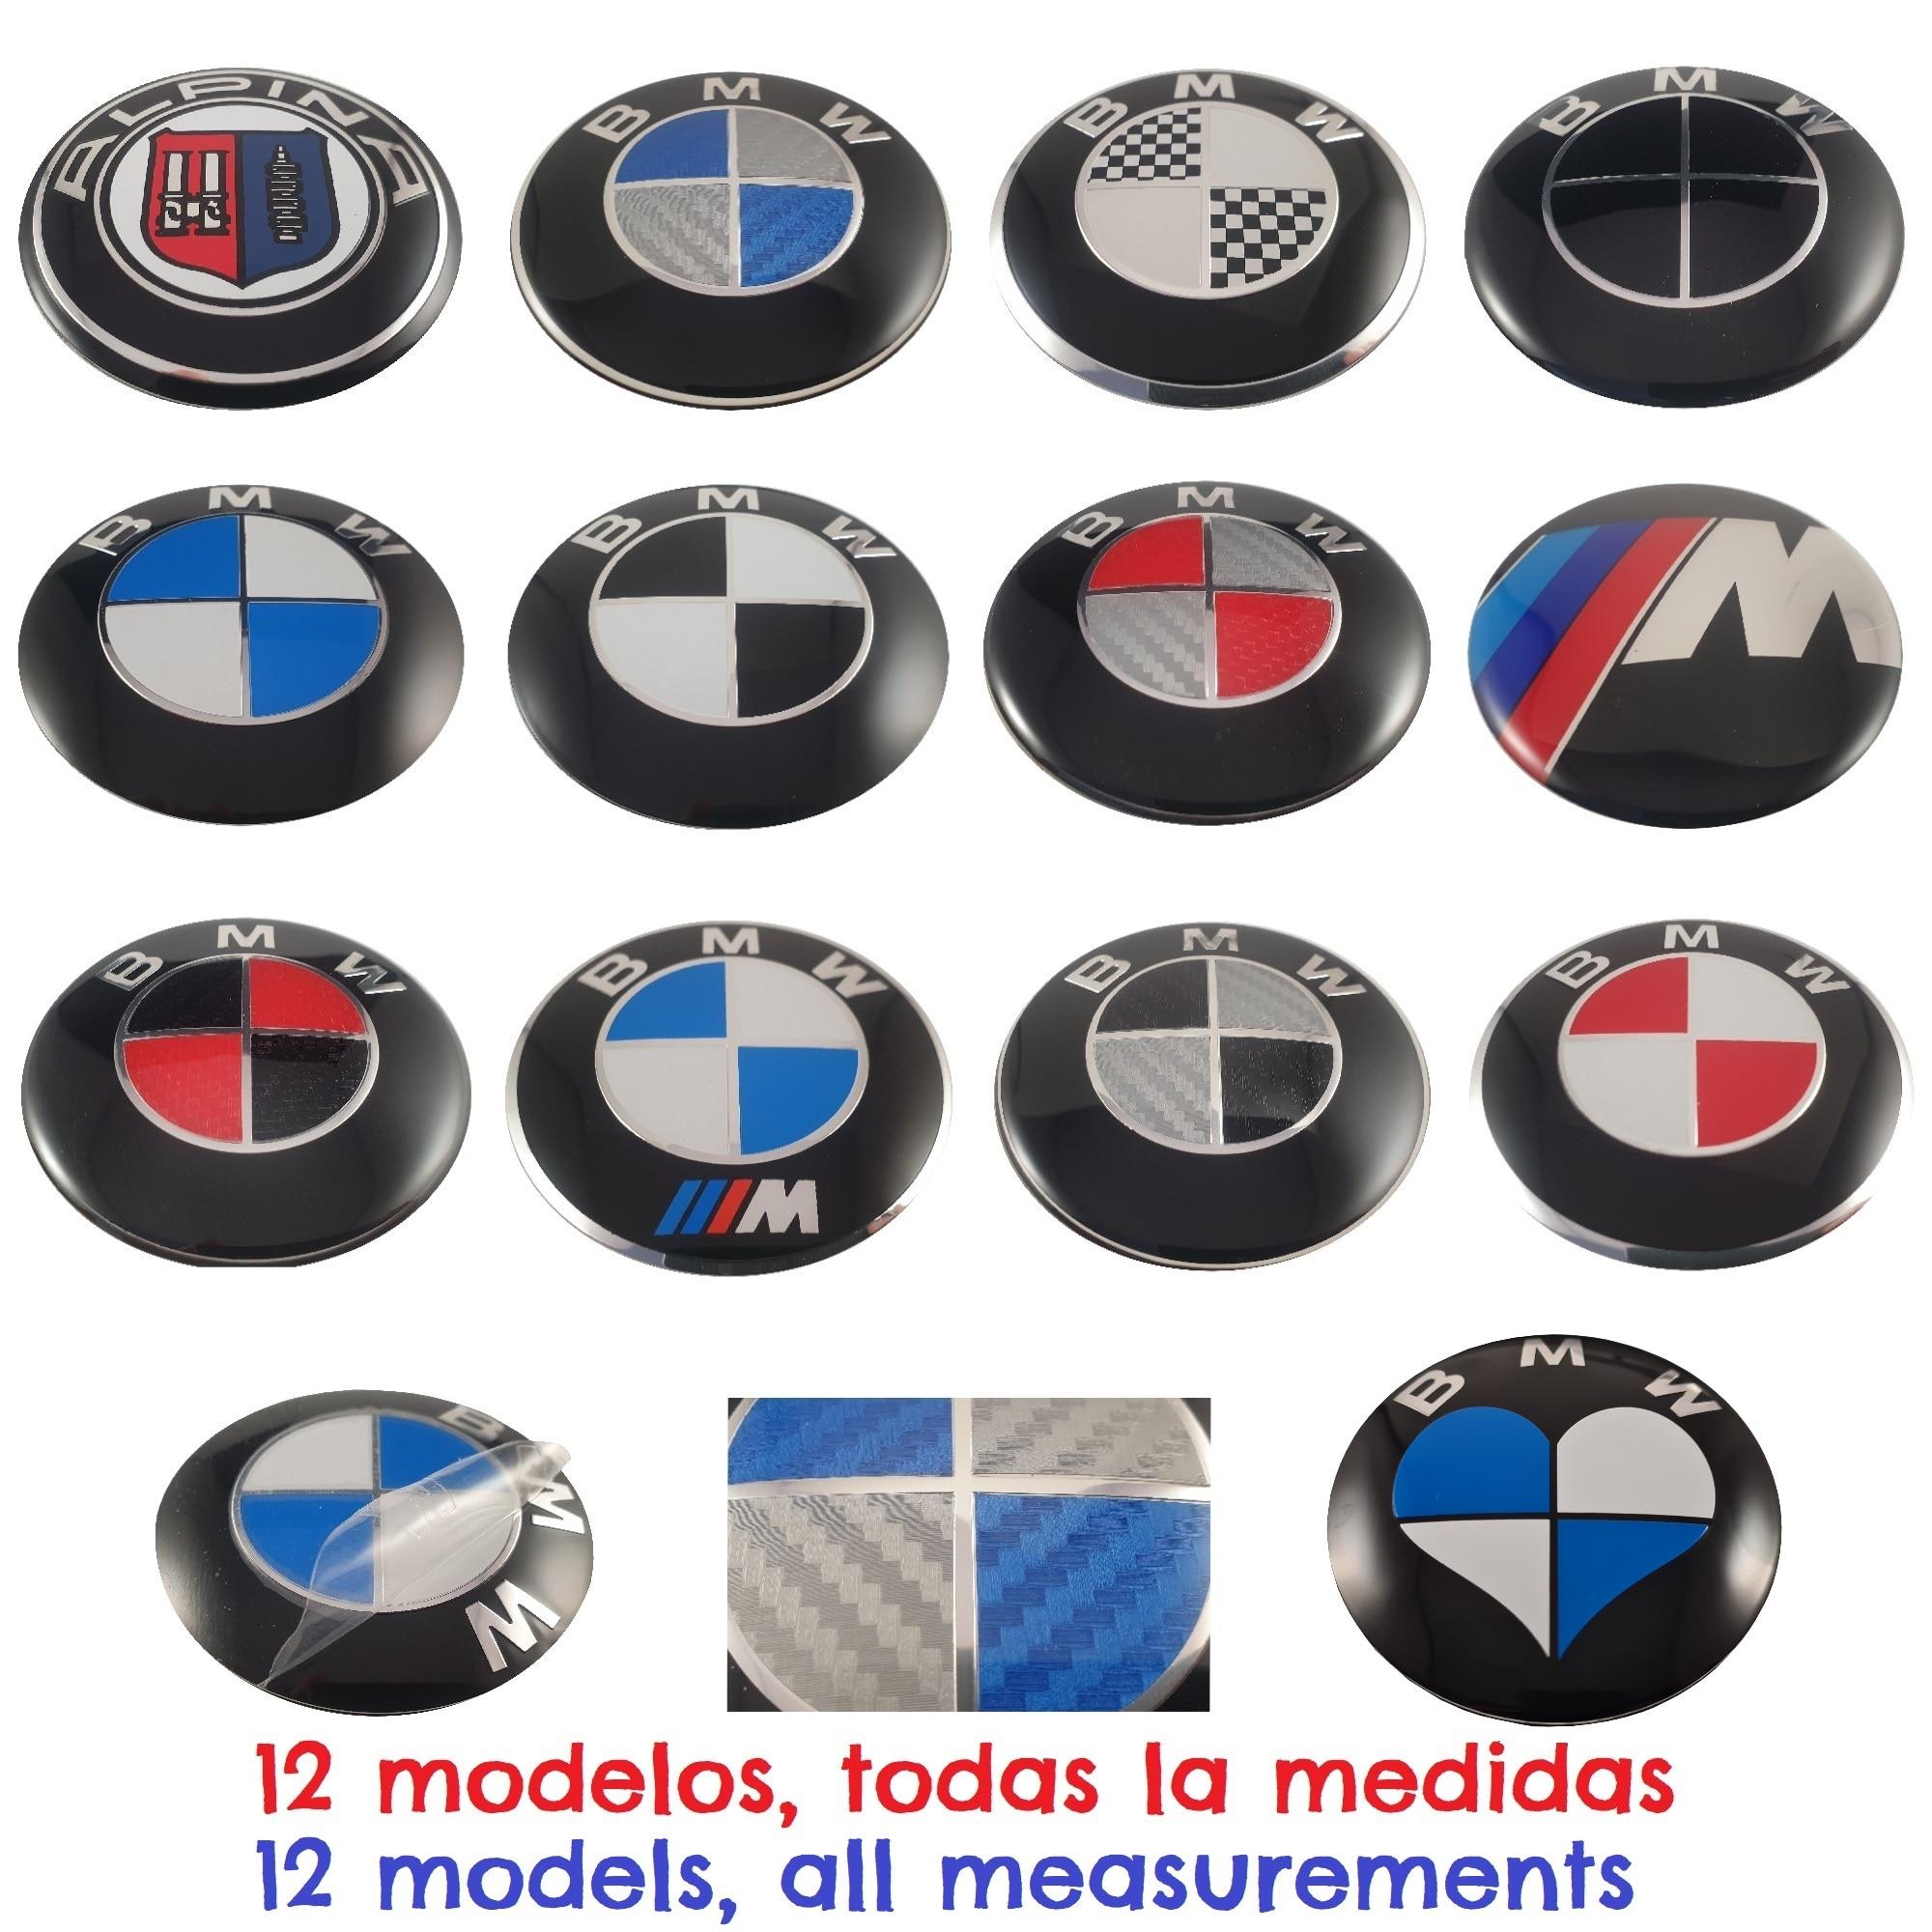 Logo BMW compatible 82mm 78mm 74mm 68mm 45mm 11mm para coche insignia emblema automovil (No es original de BMW) aut016